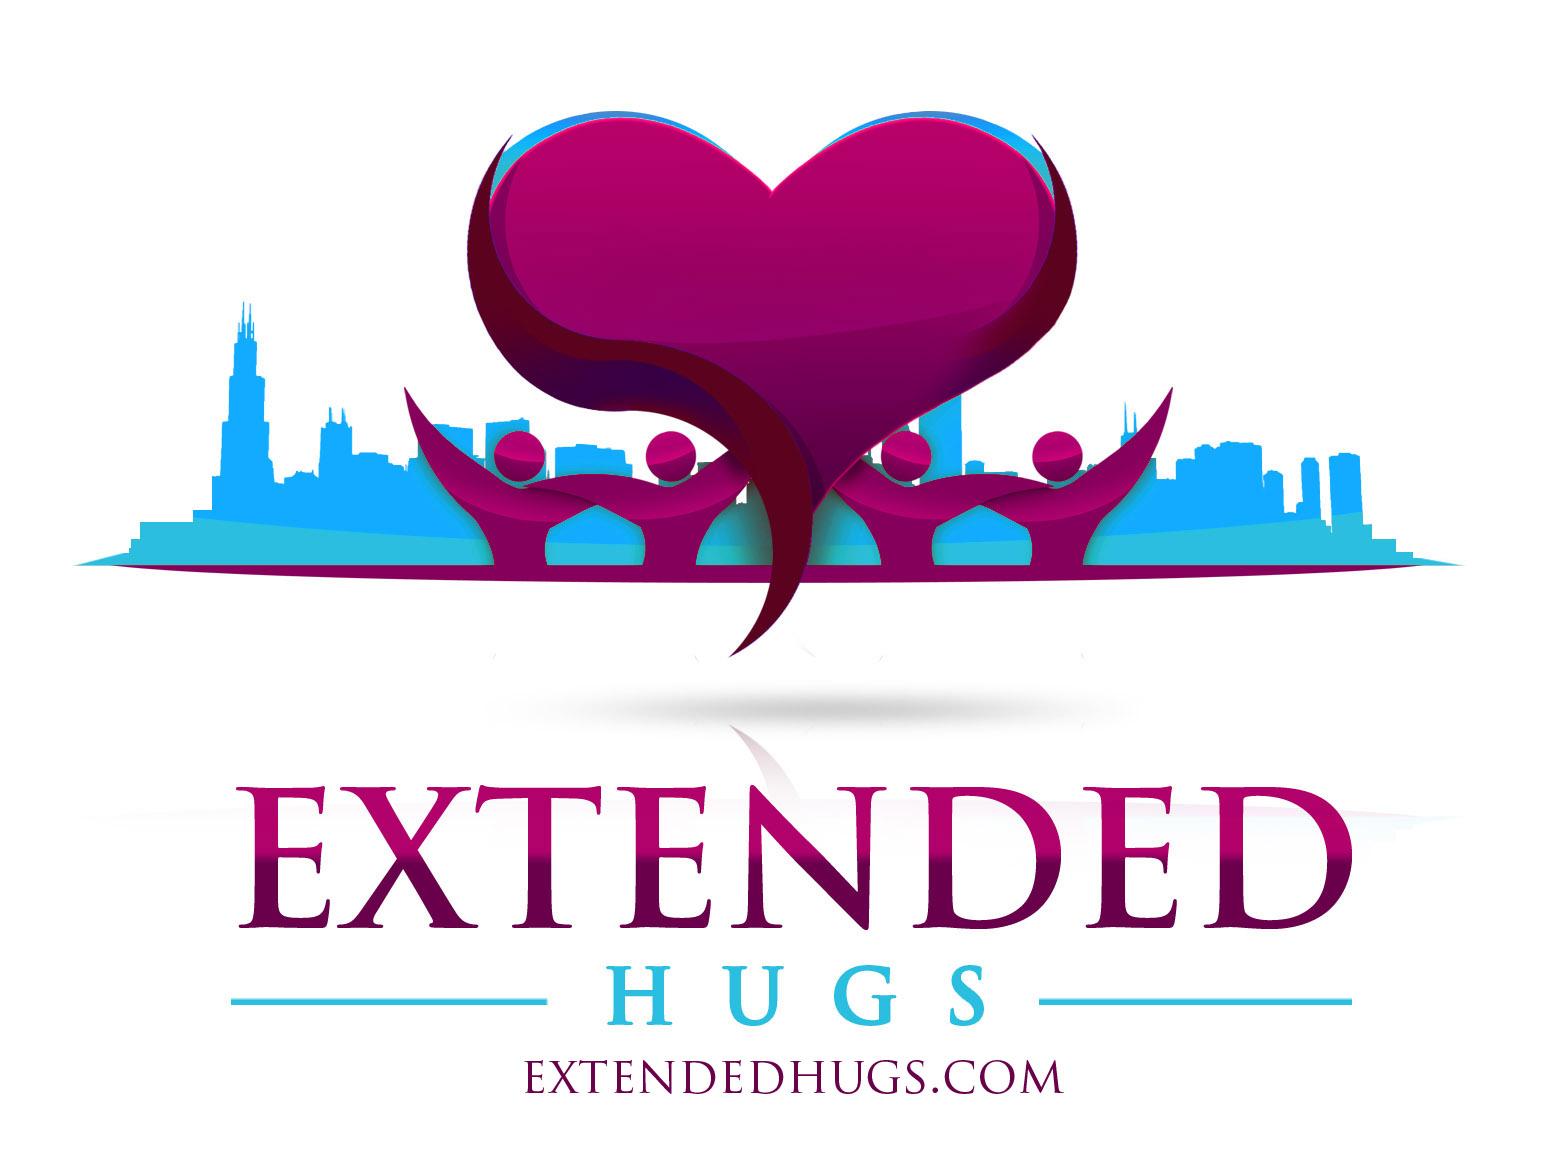 Extended Hugs (1)